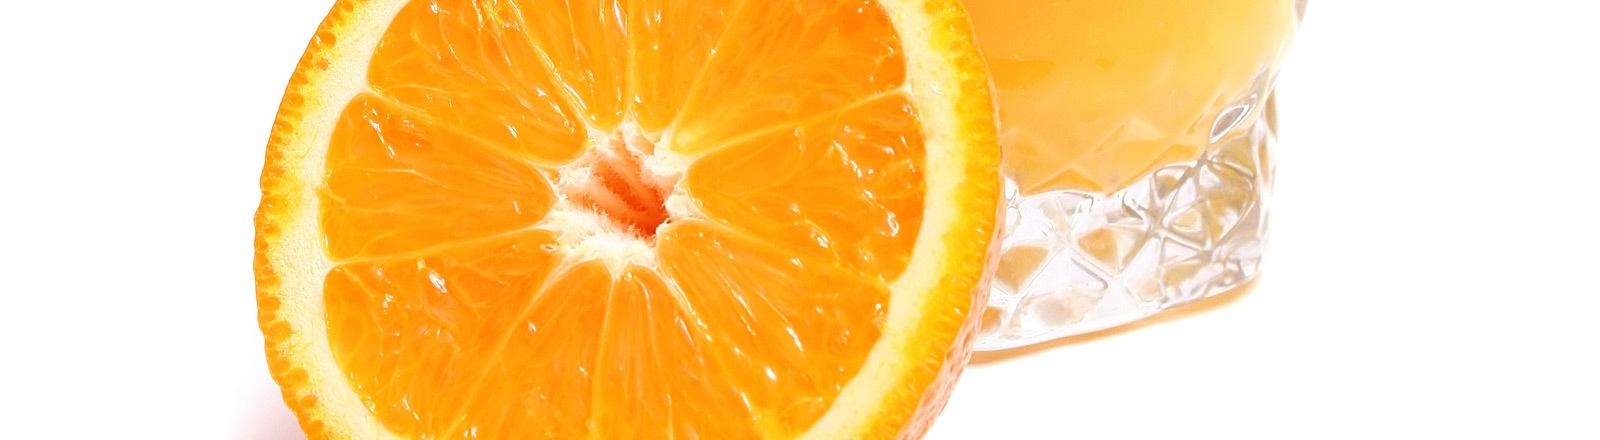 Ein Glas Orangensaft, daneben eine halbierte Orange.